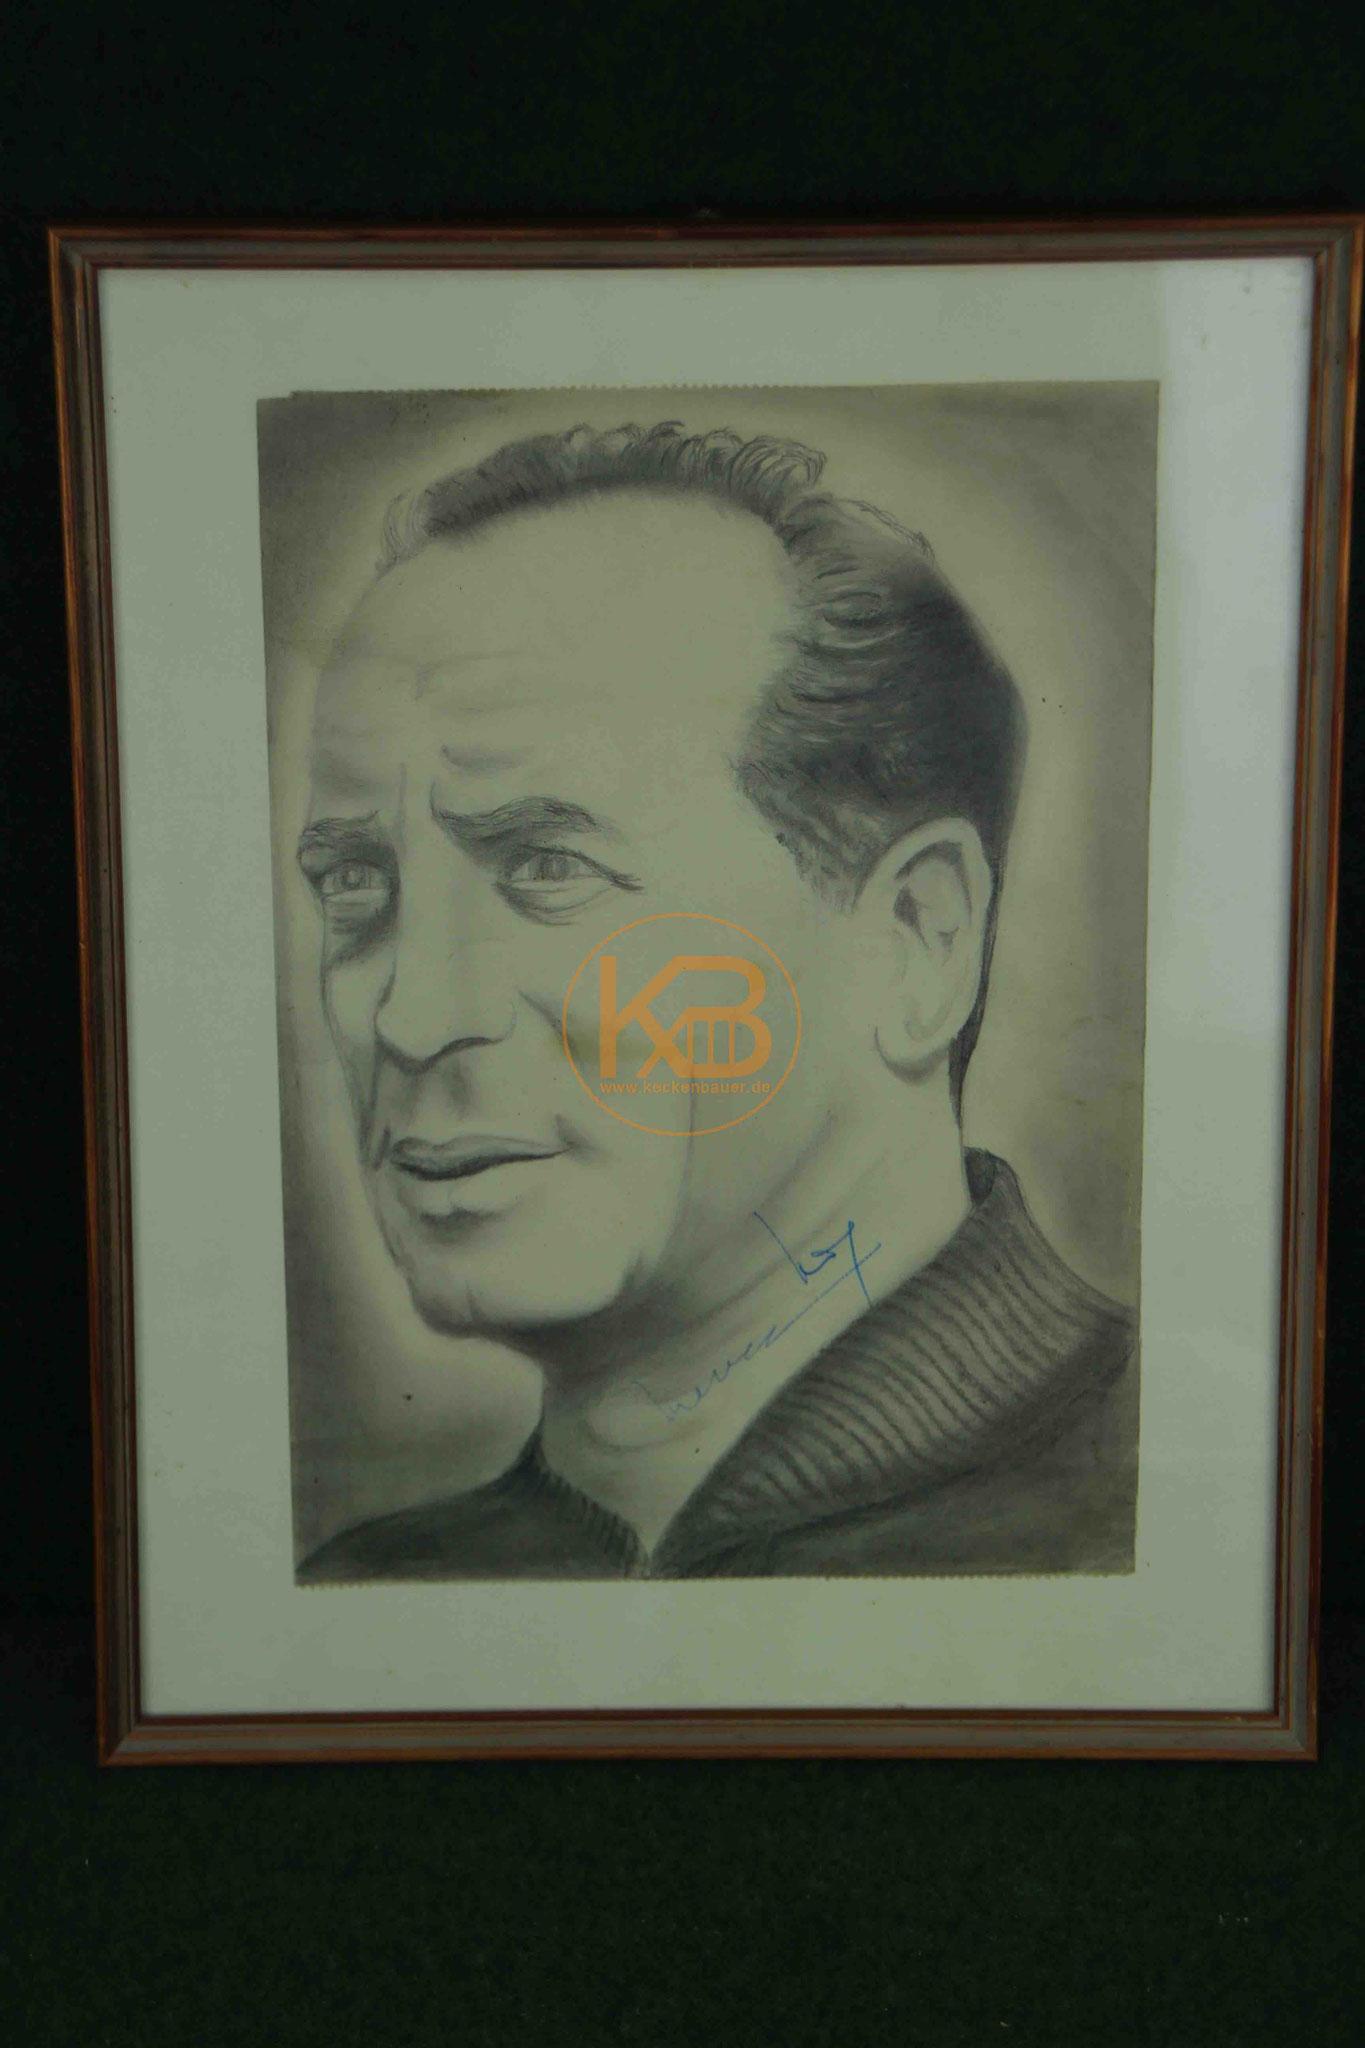 Ein Selbstportrait mit der Signatur von Max Merkel, was ebenfalls aus seinem Nachlass stammt.